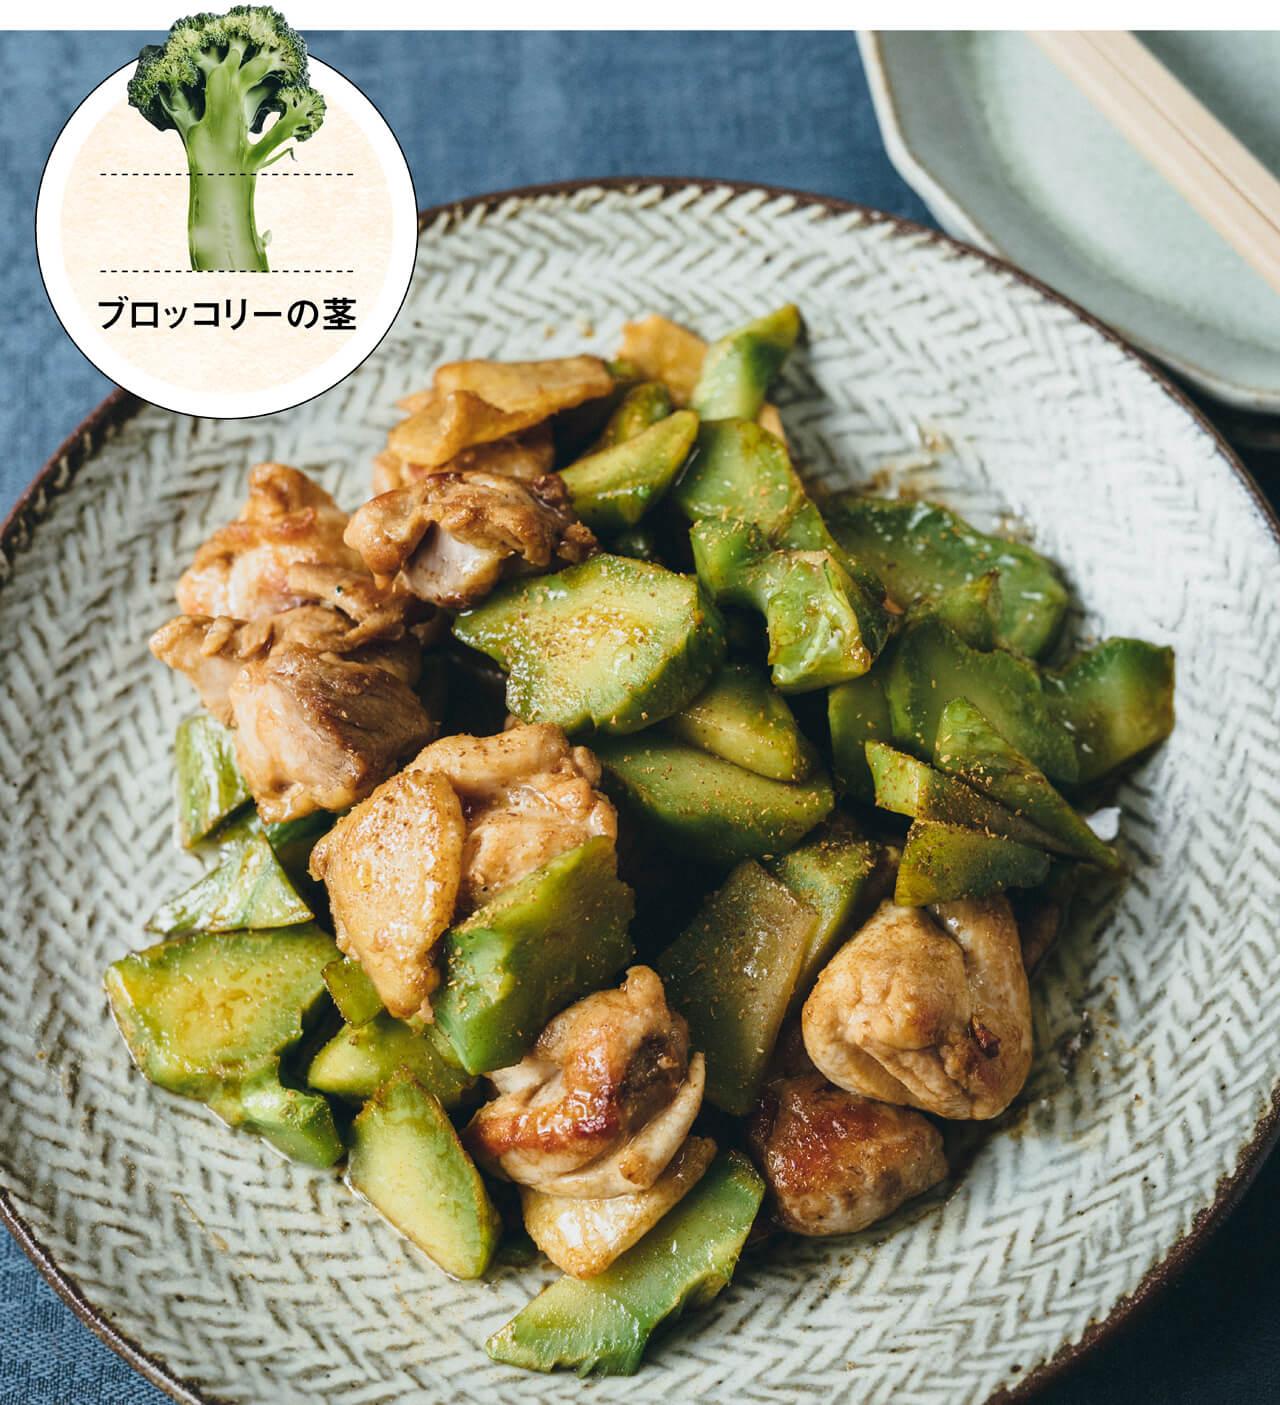 ブロッコリーの茎と鶏肉のオイスター炒め/川上ミホさん